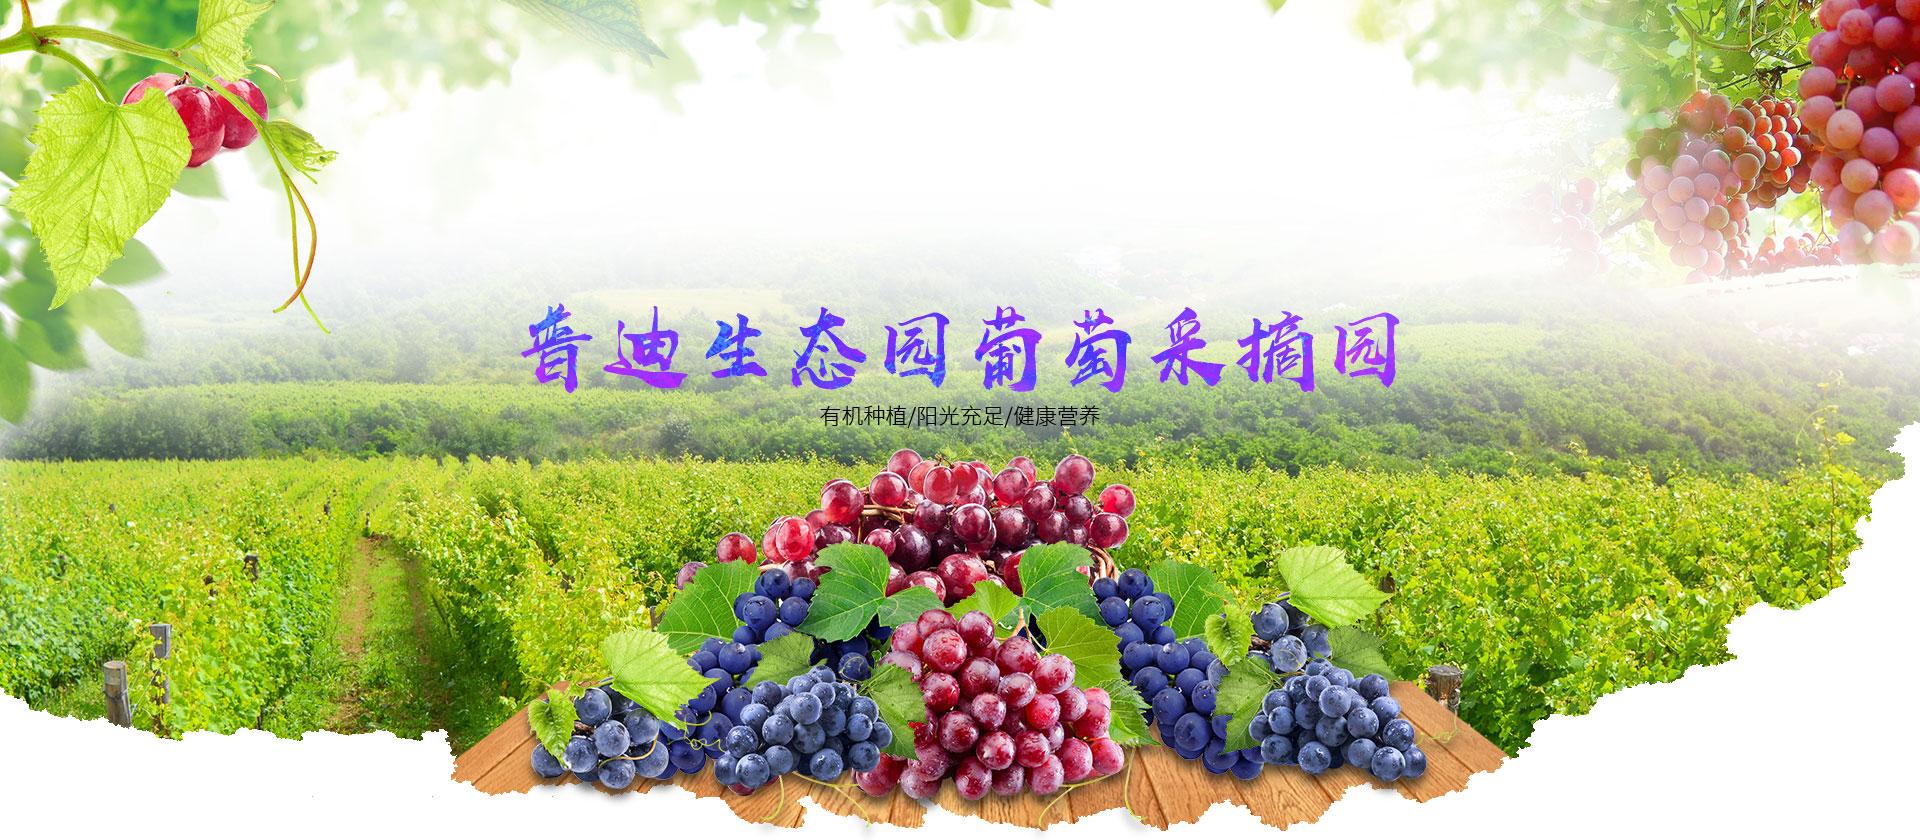 重庆葡萄采摘